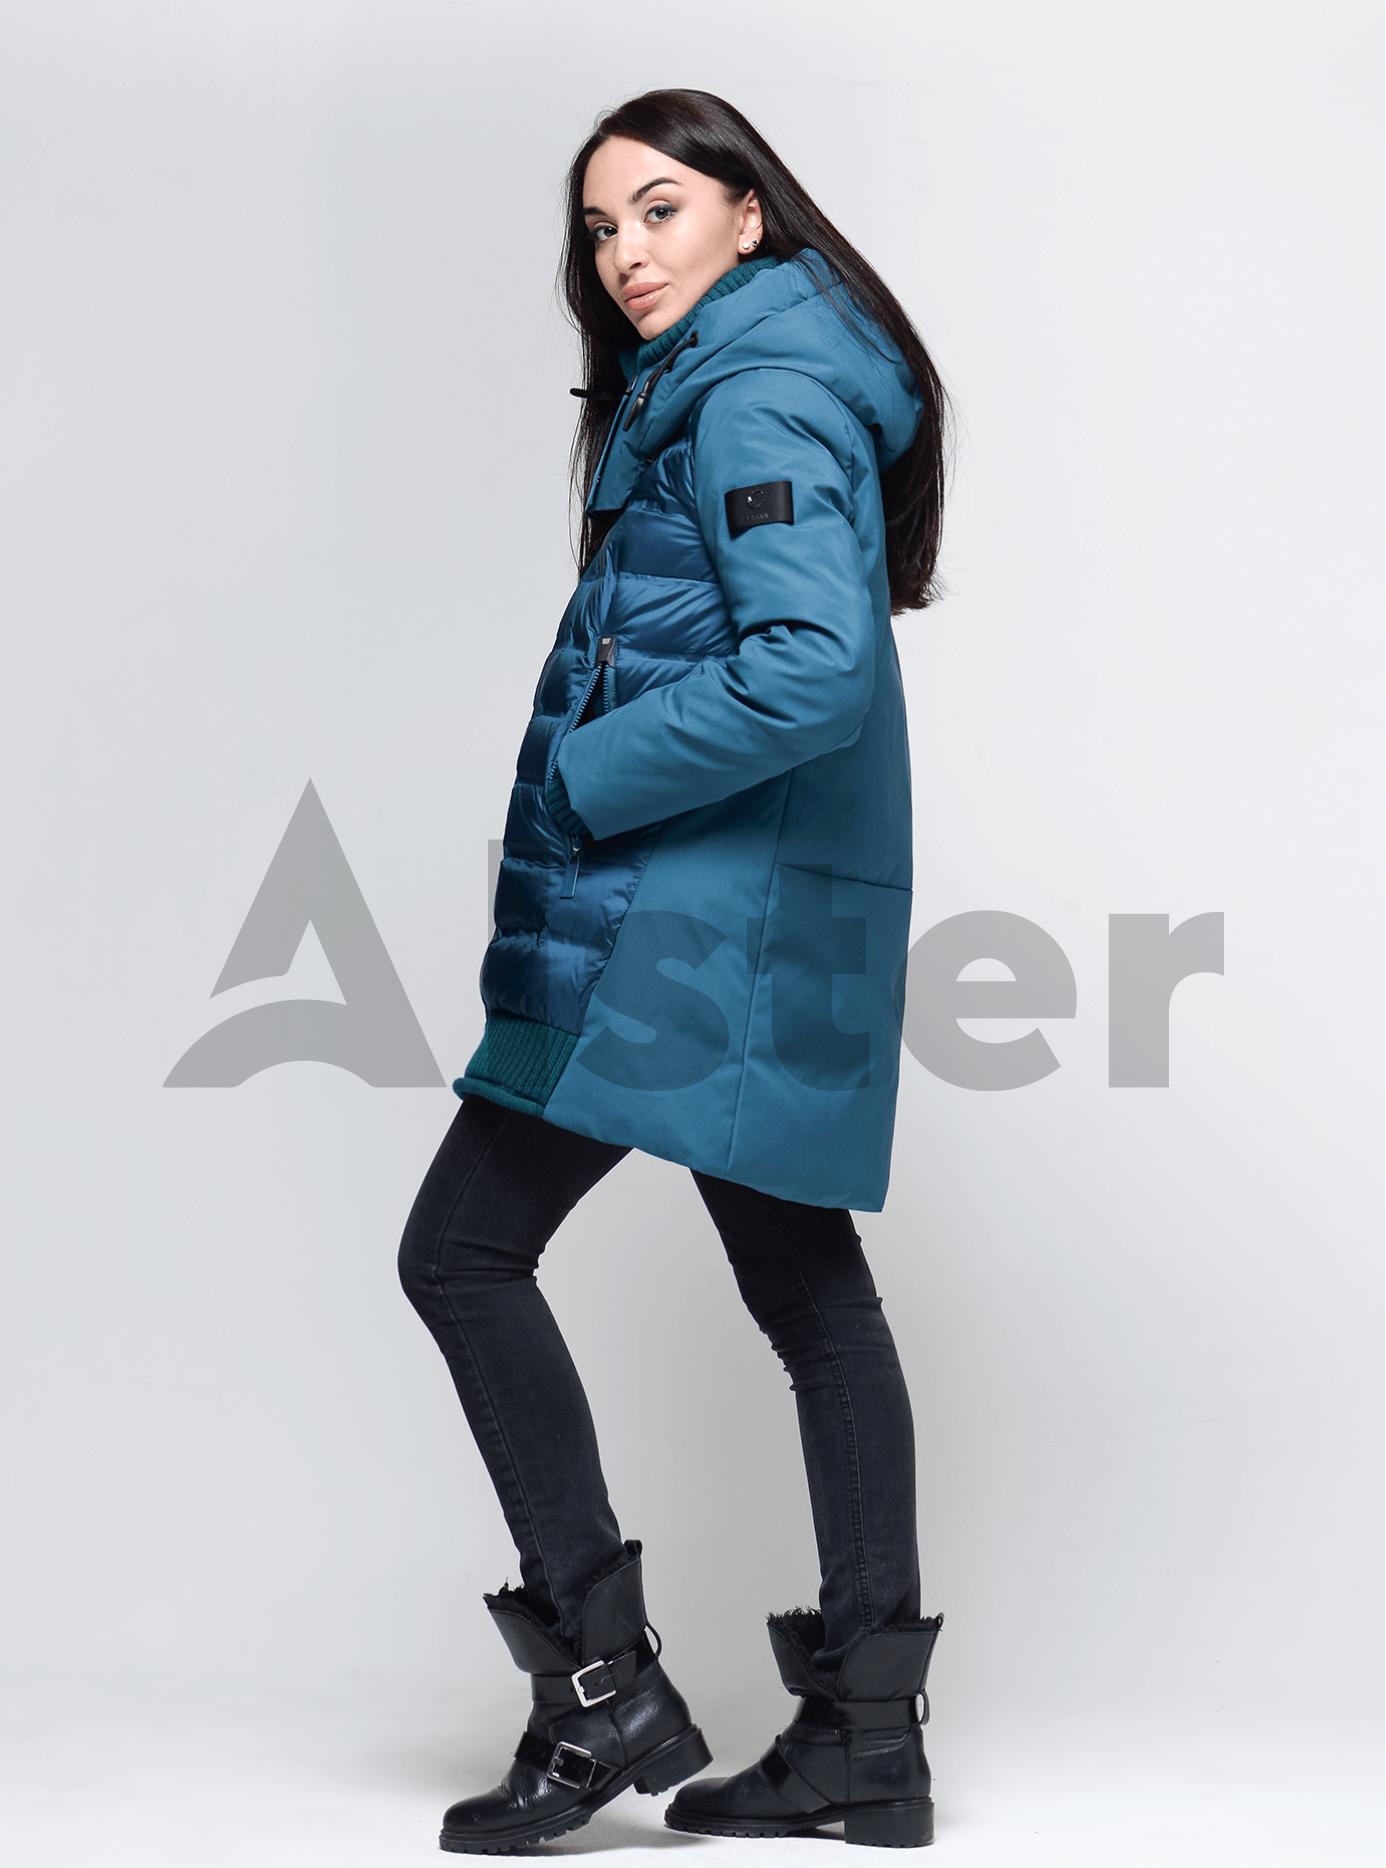 Пуховик женский с натуральным пухом Тёмно-голубой L (02-4665): фото - Alster.ua